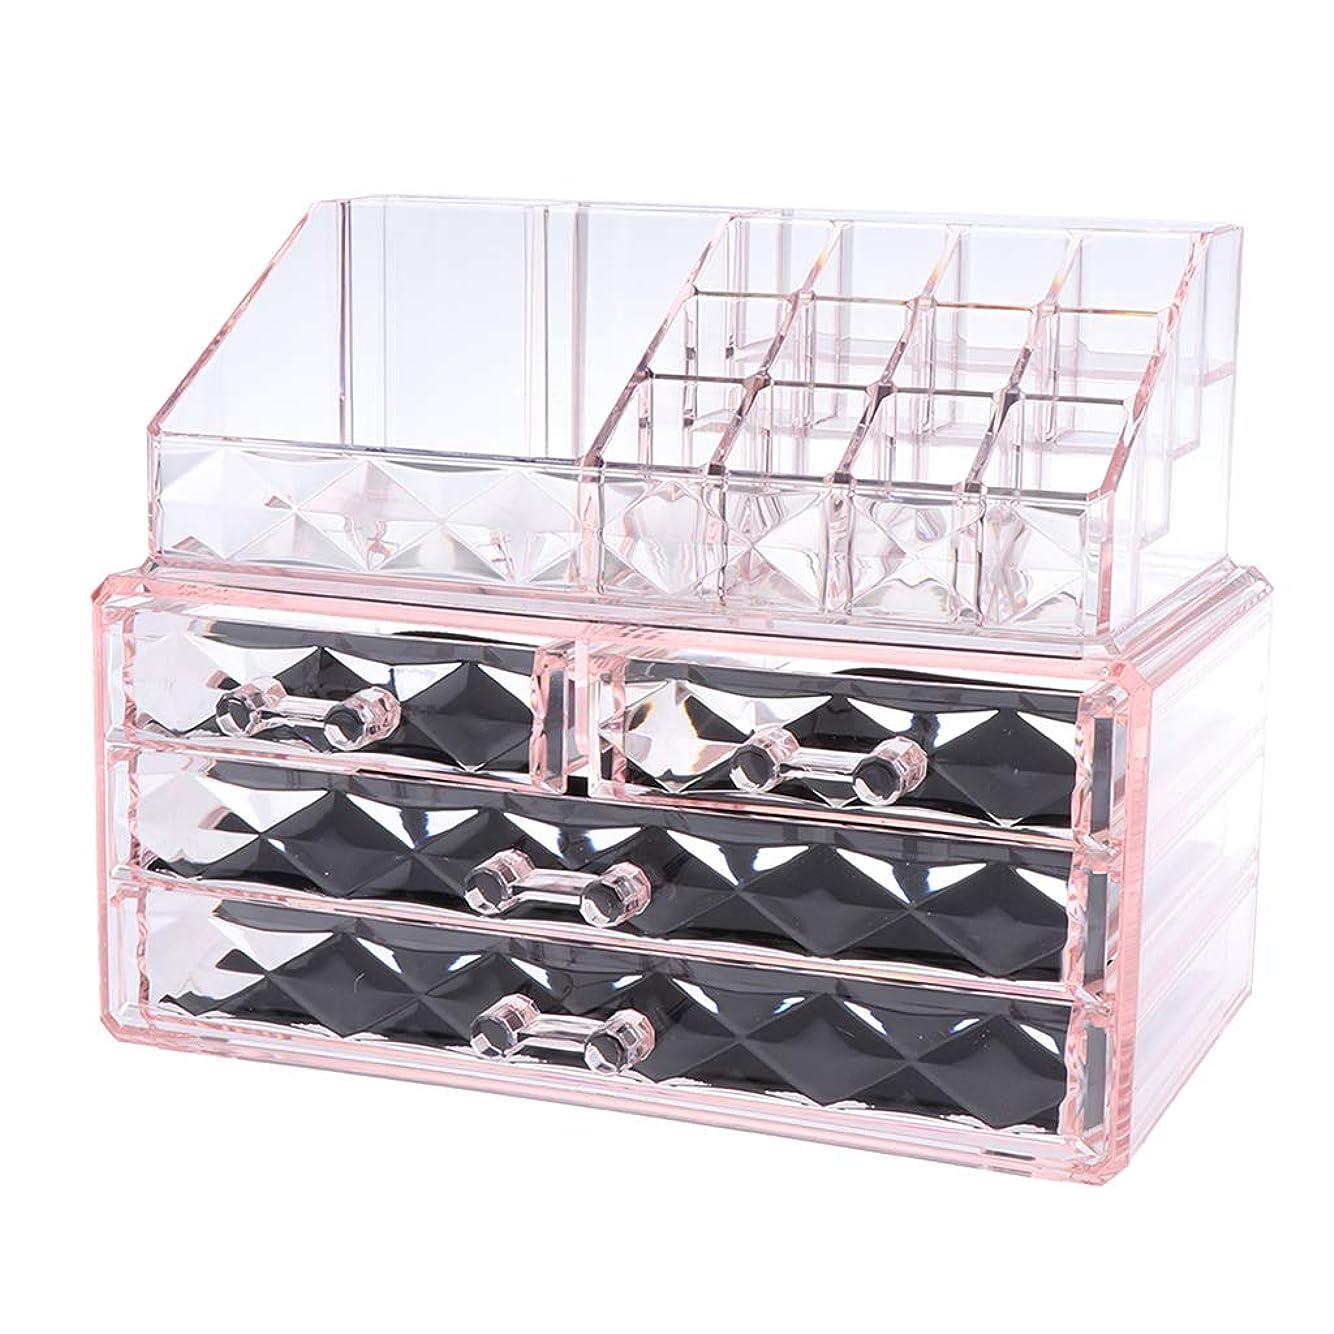 合唱団ドレスタンカーPerfeclan 化粧オーガナイザー アクリル メイクオーガナイザー 収納キューブ 3仕様選べ - ピンク